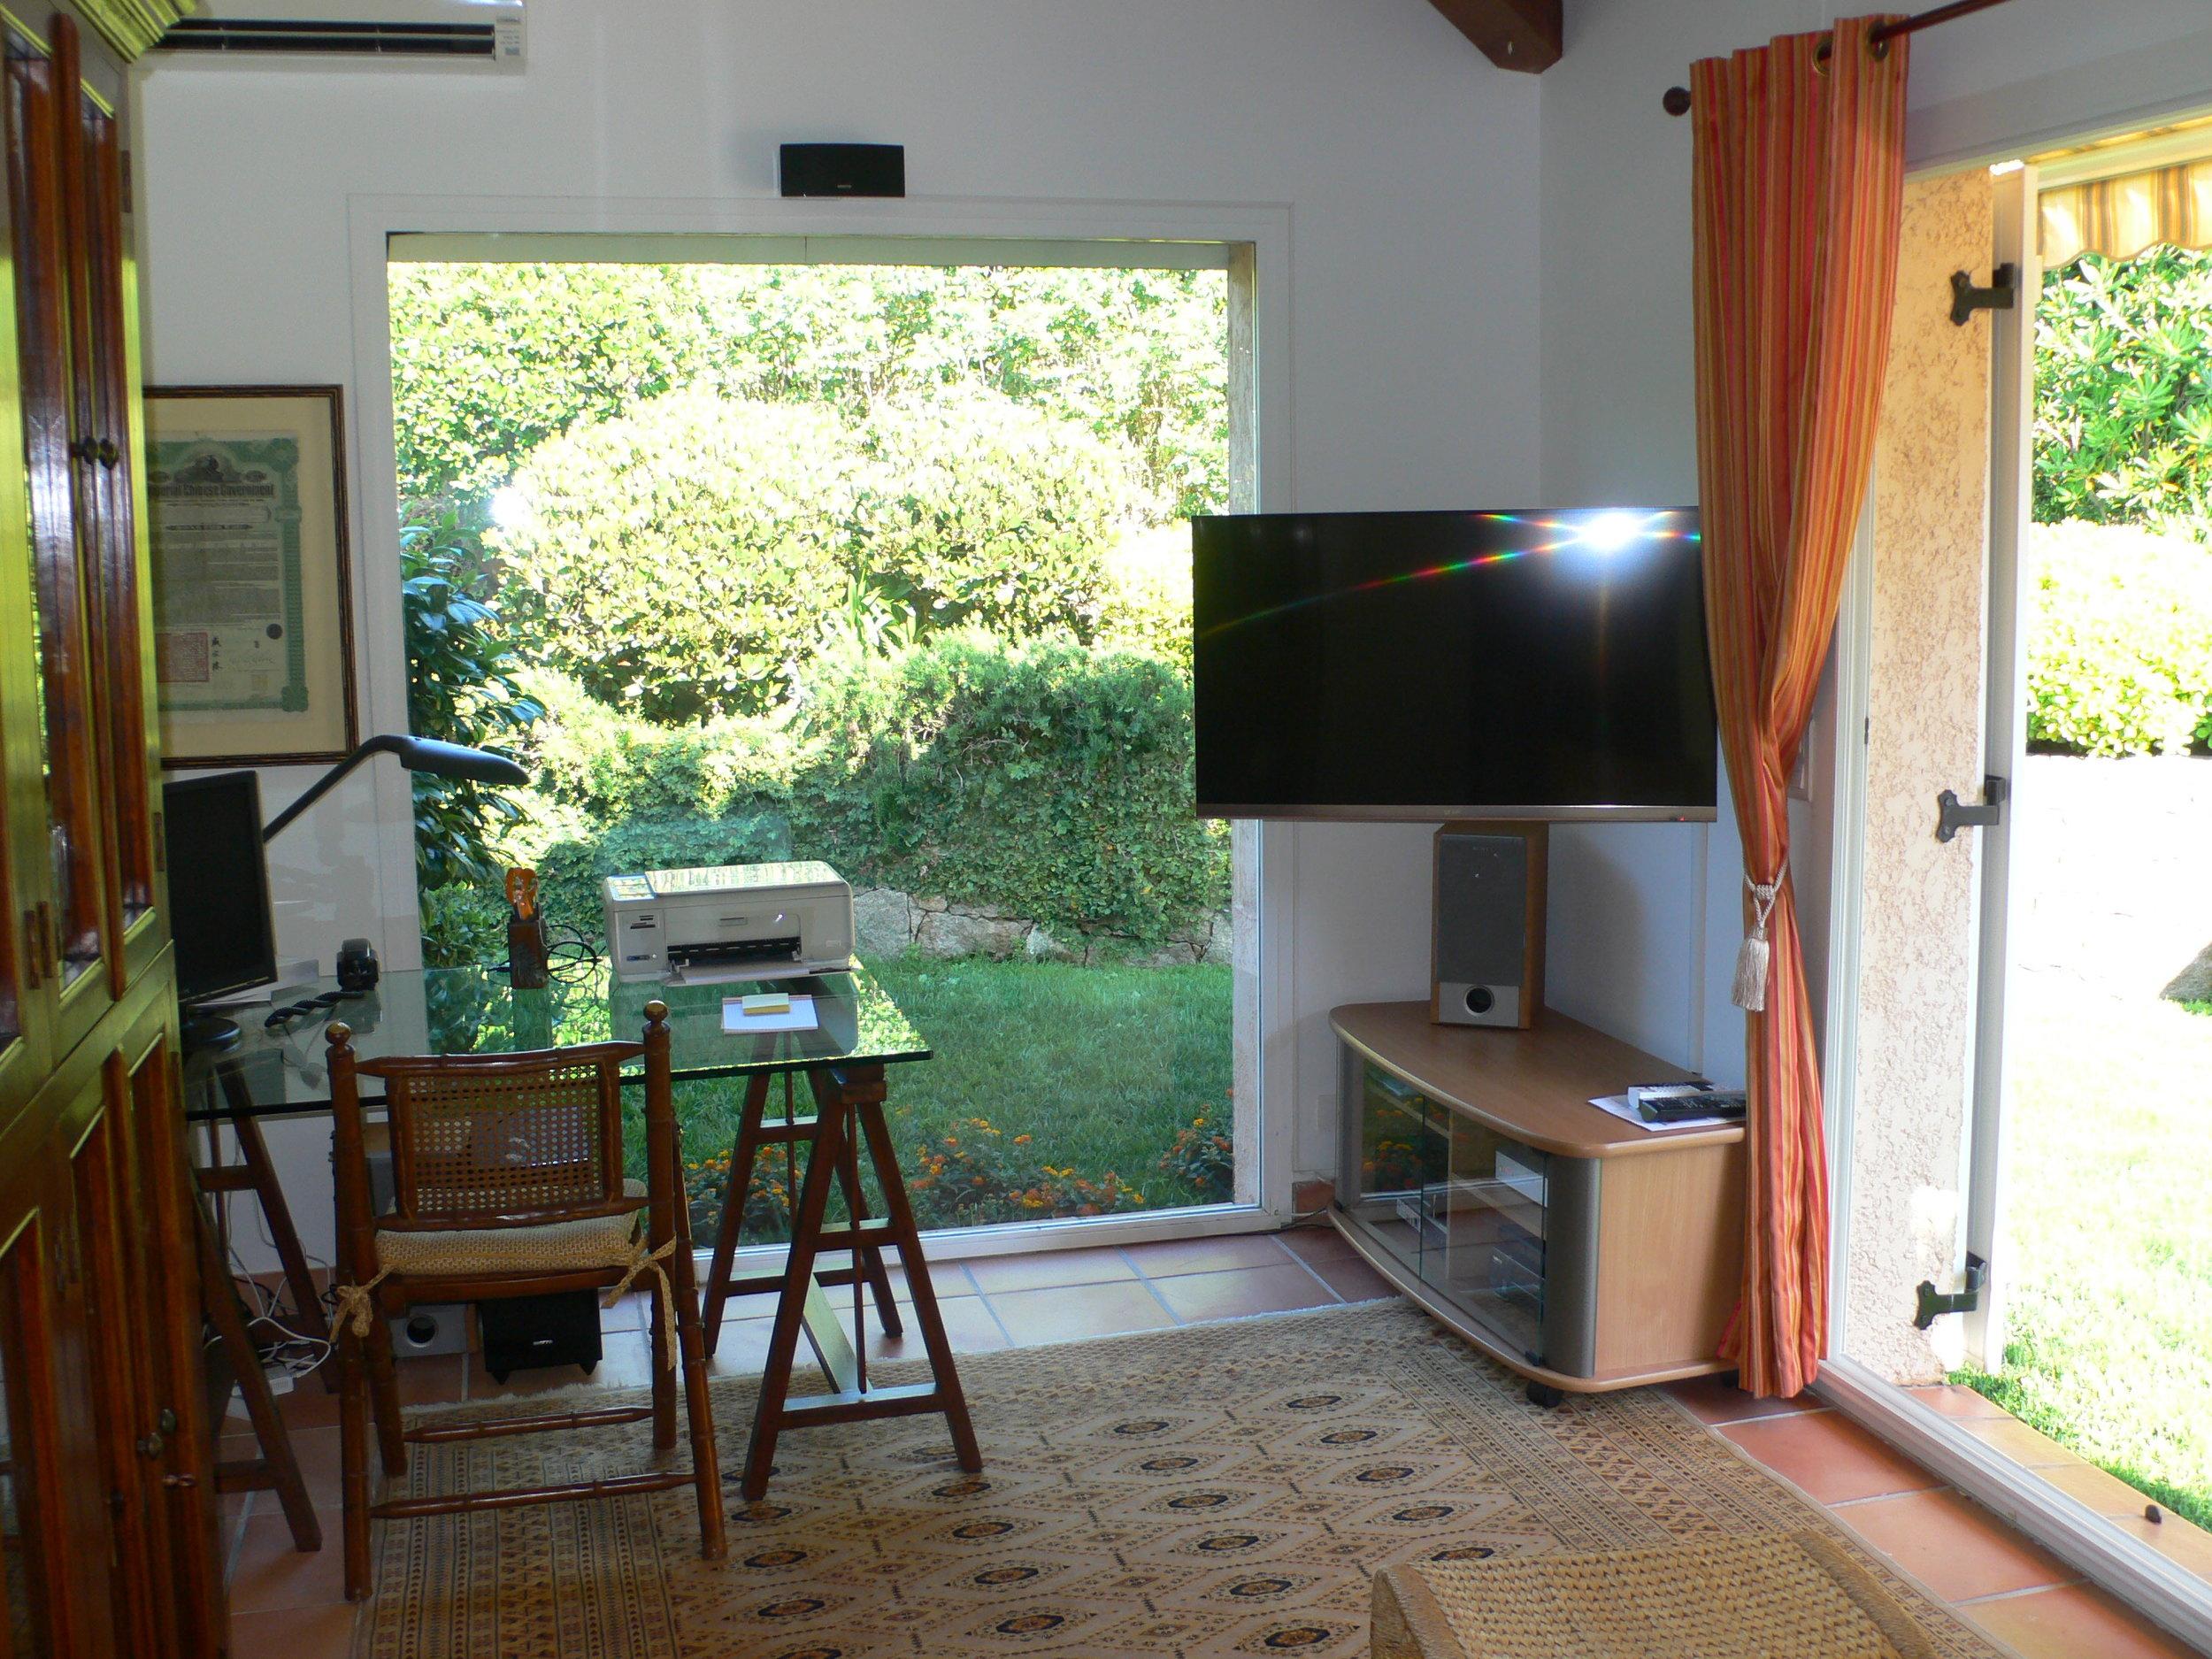 Fernsehraum und Büro